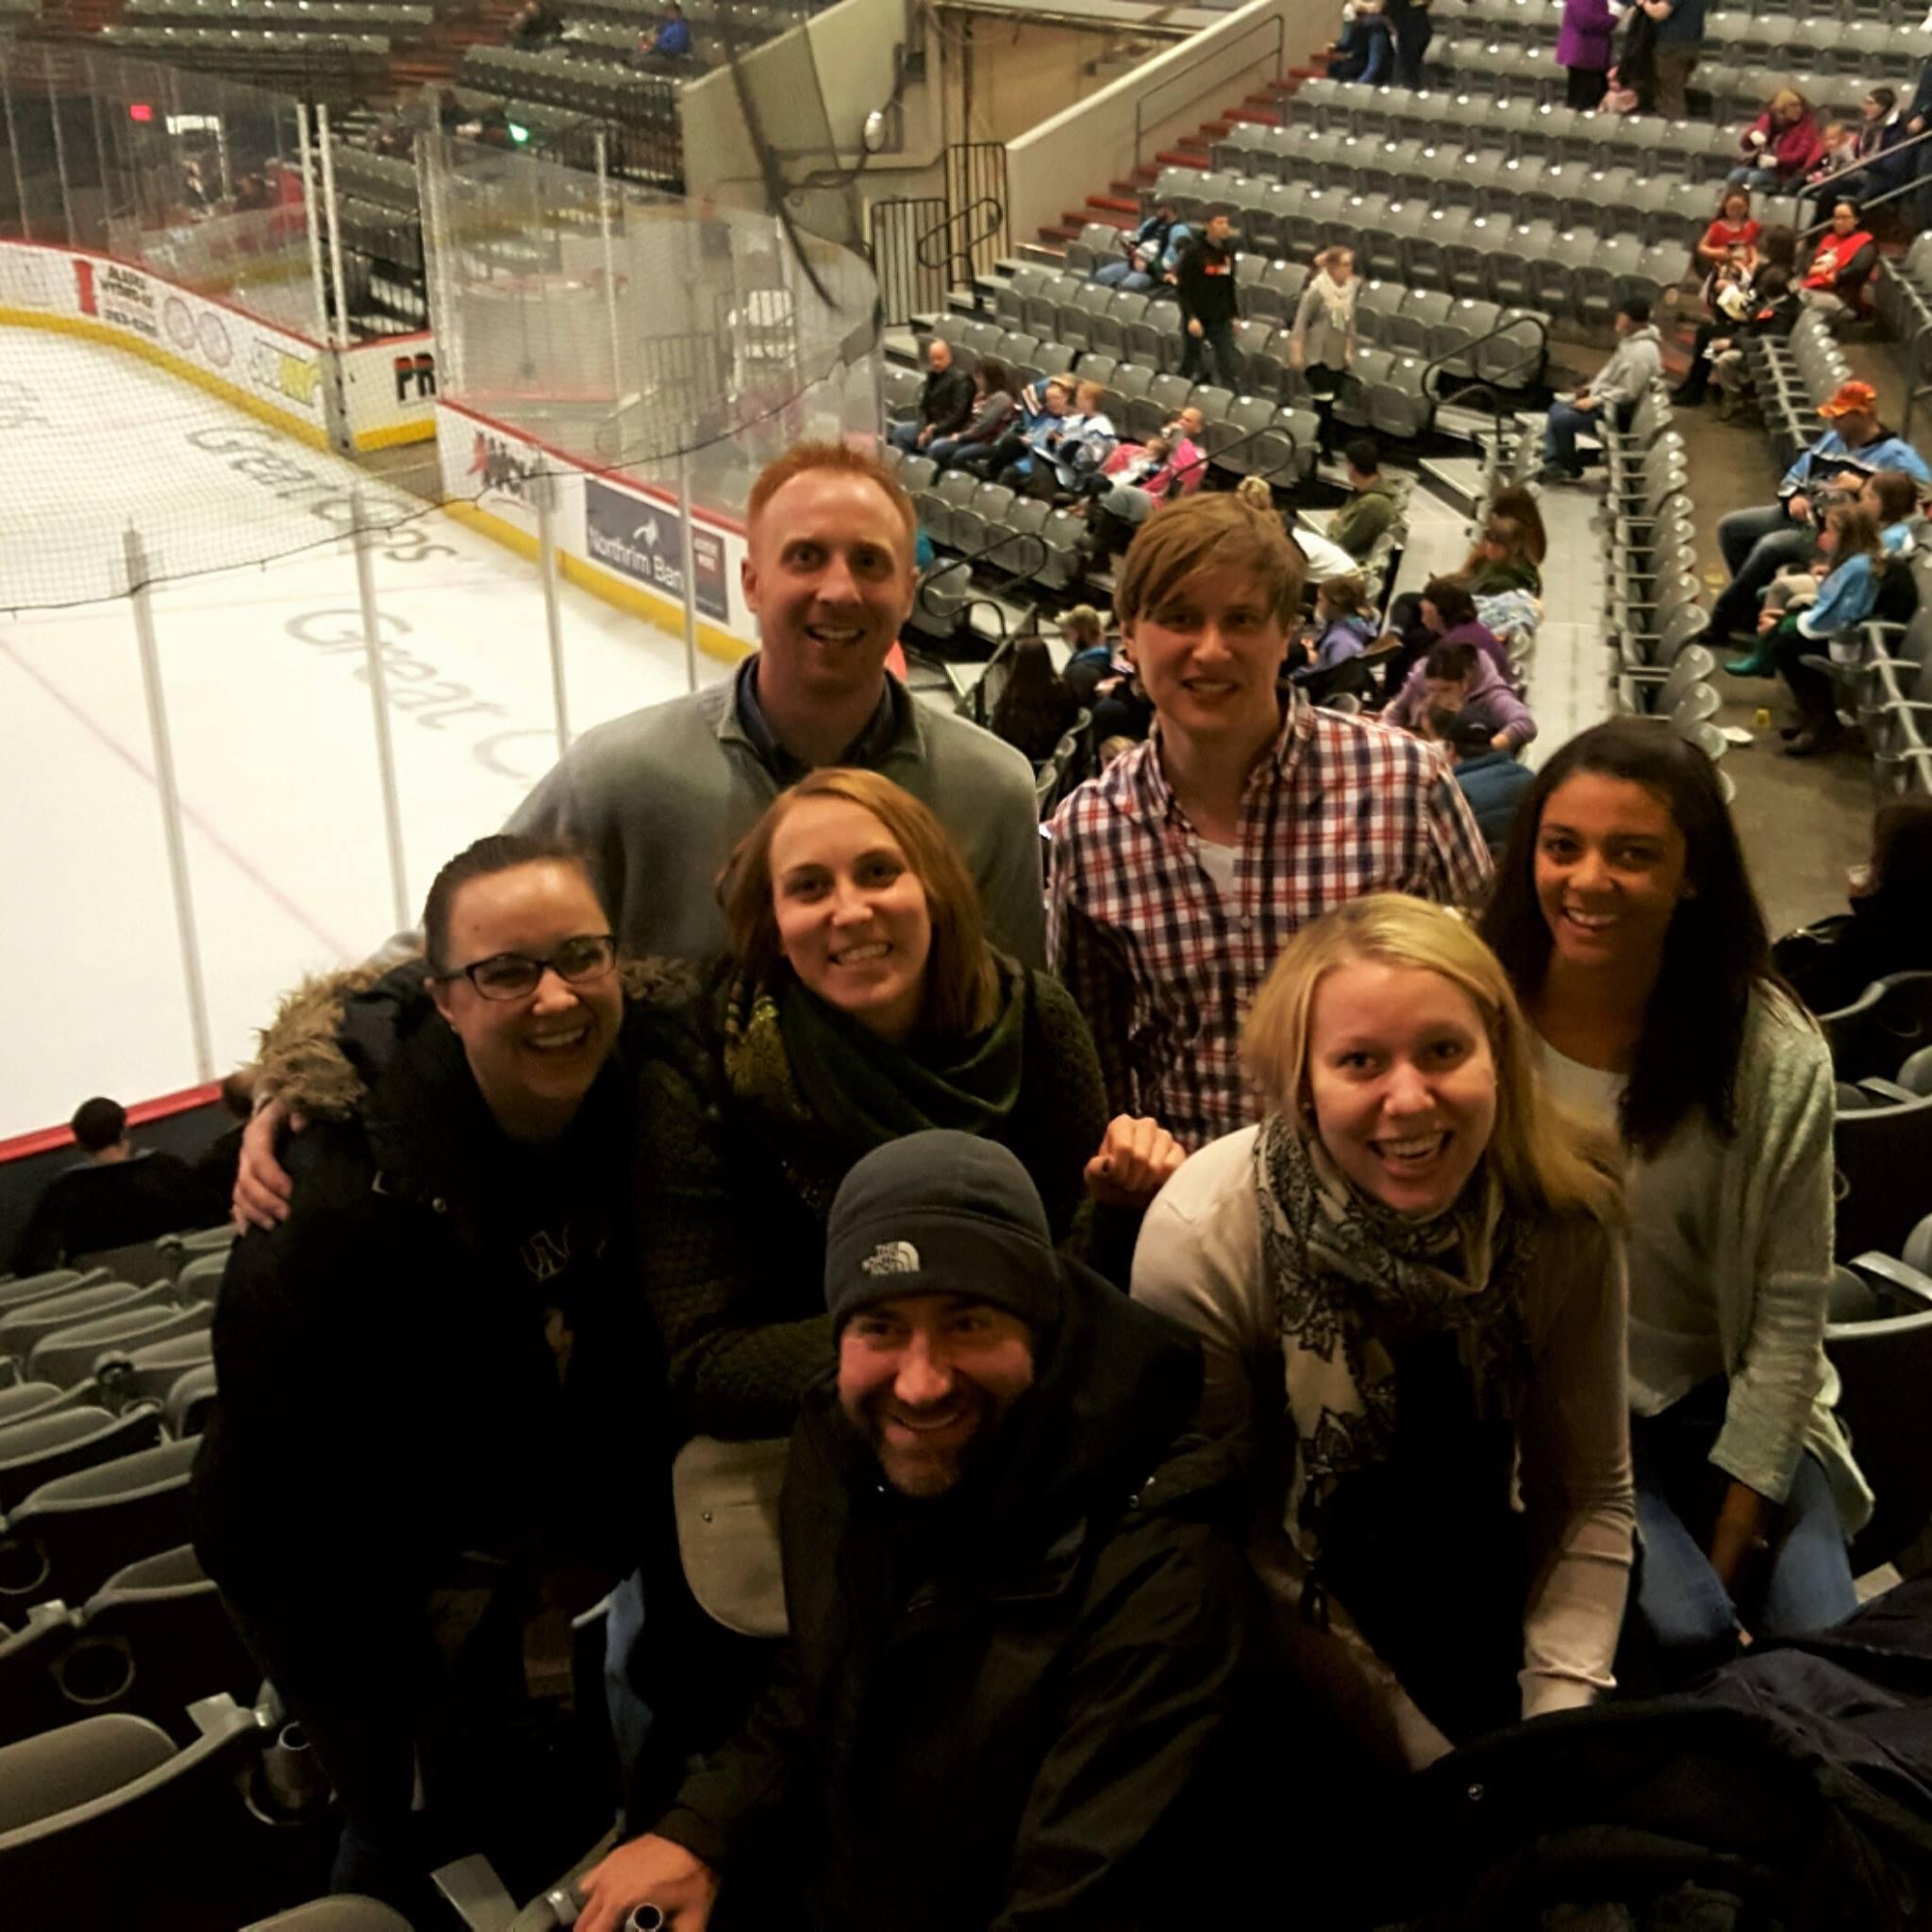 Ähnlich wie bei Kim Klebolte in Kanada ist Eishockey auch in #Anchorage ein…